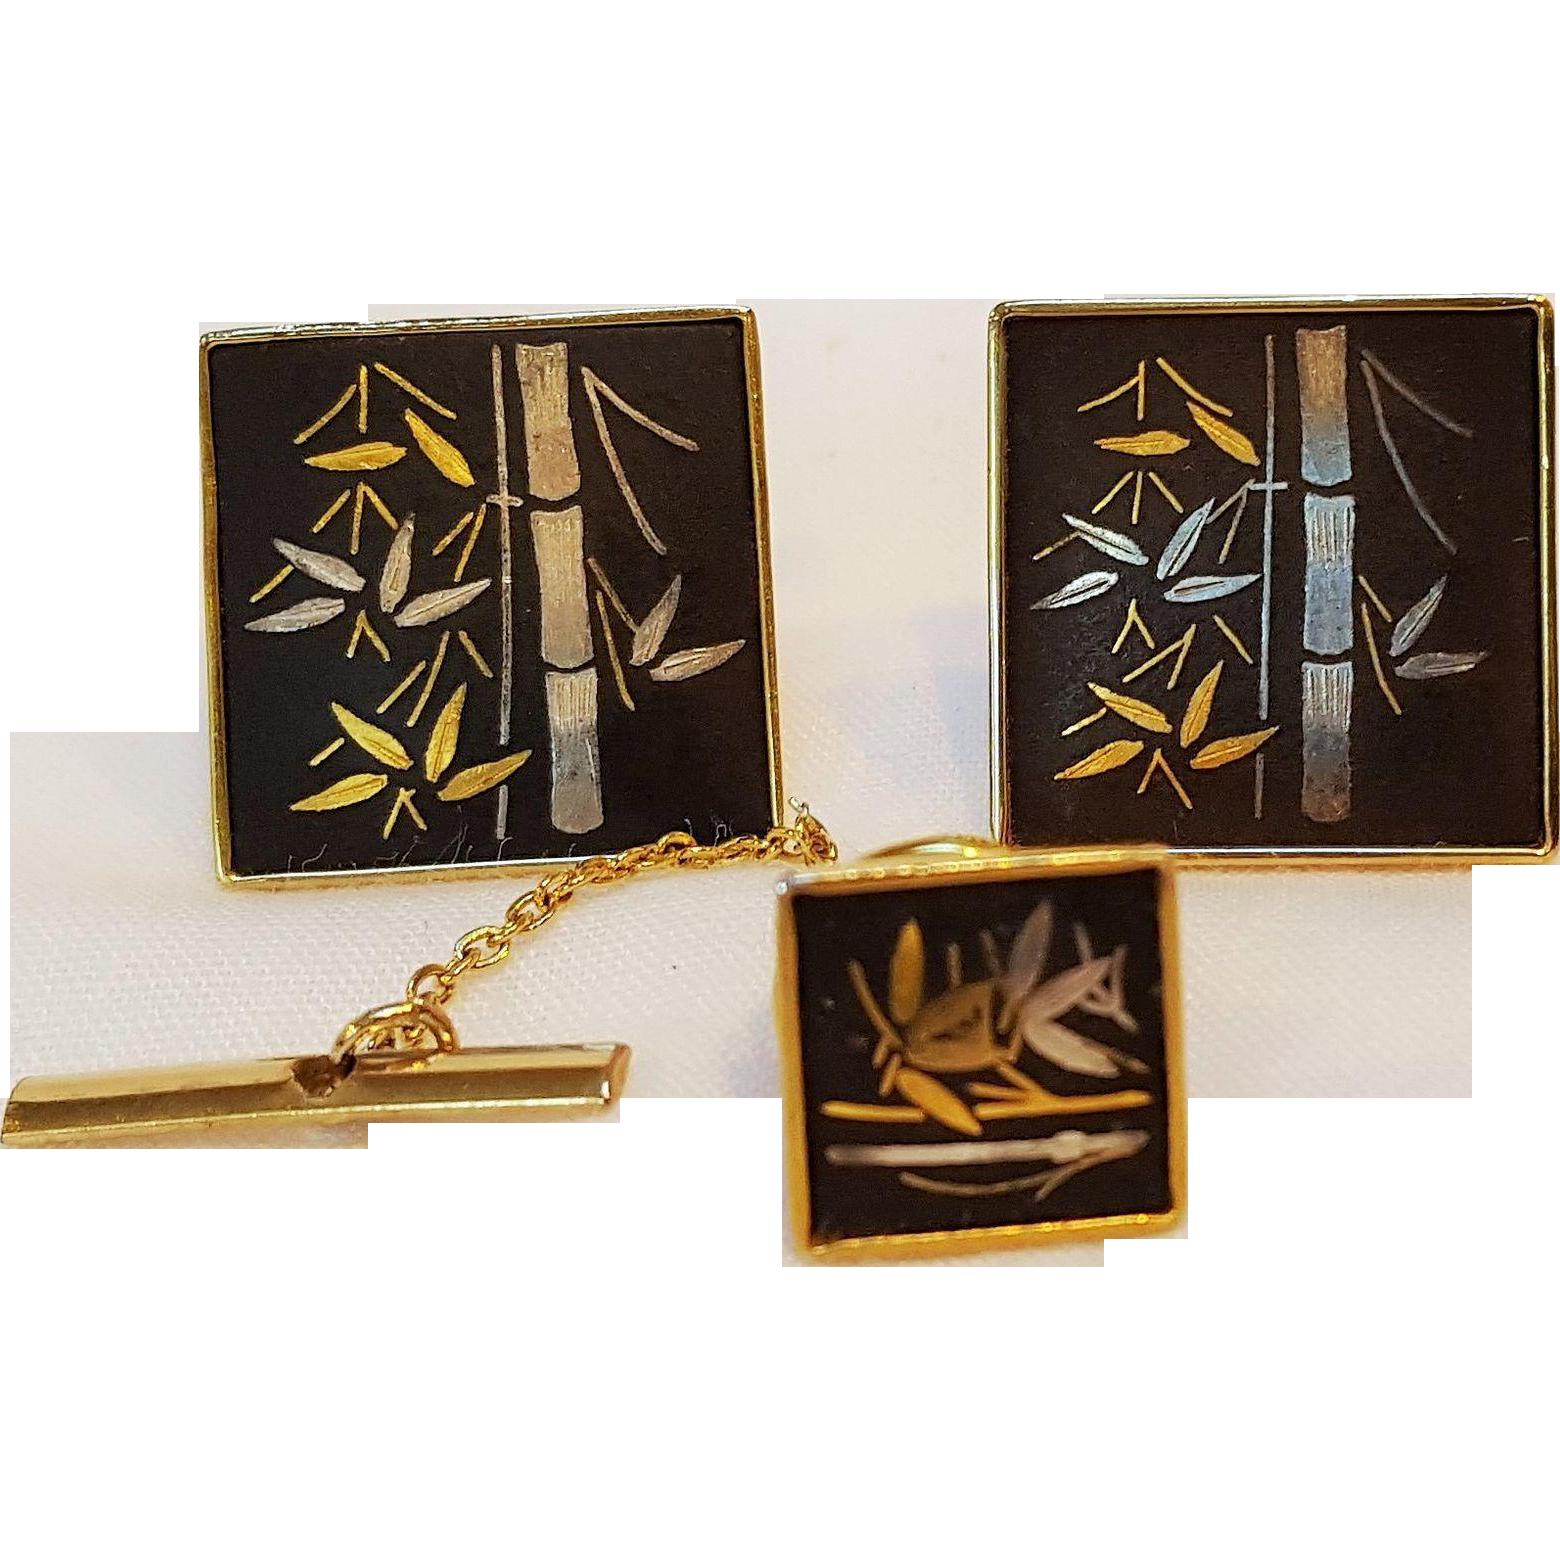 Amita damascene cufflinks tie tac bamboo motif Japan